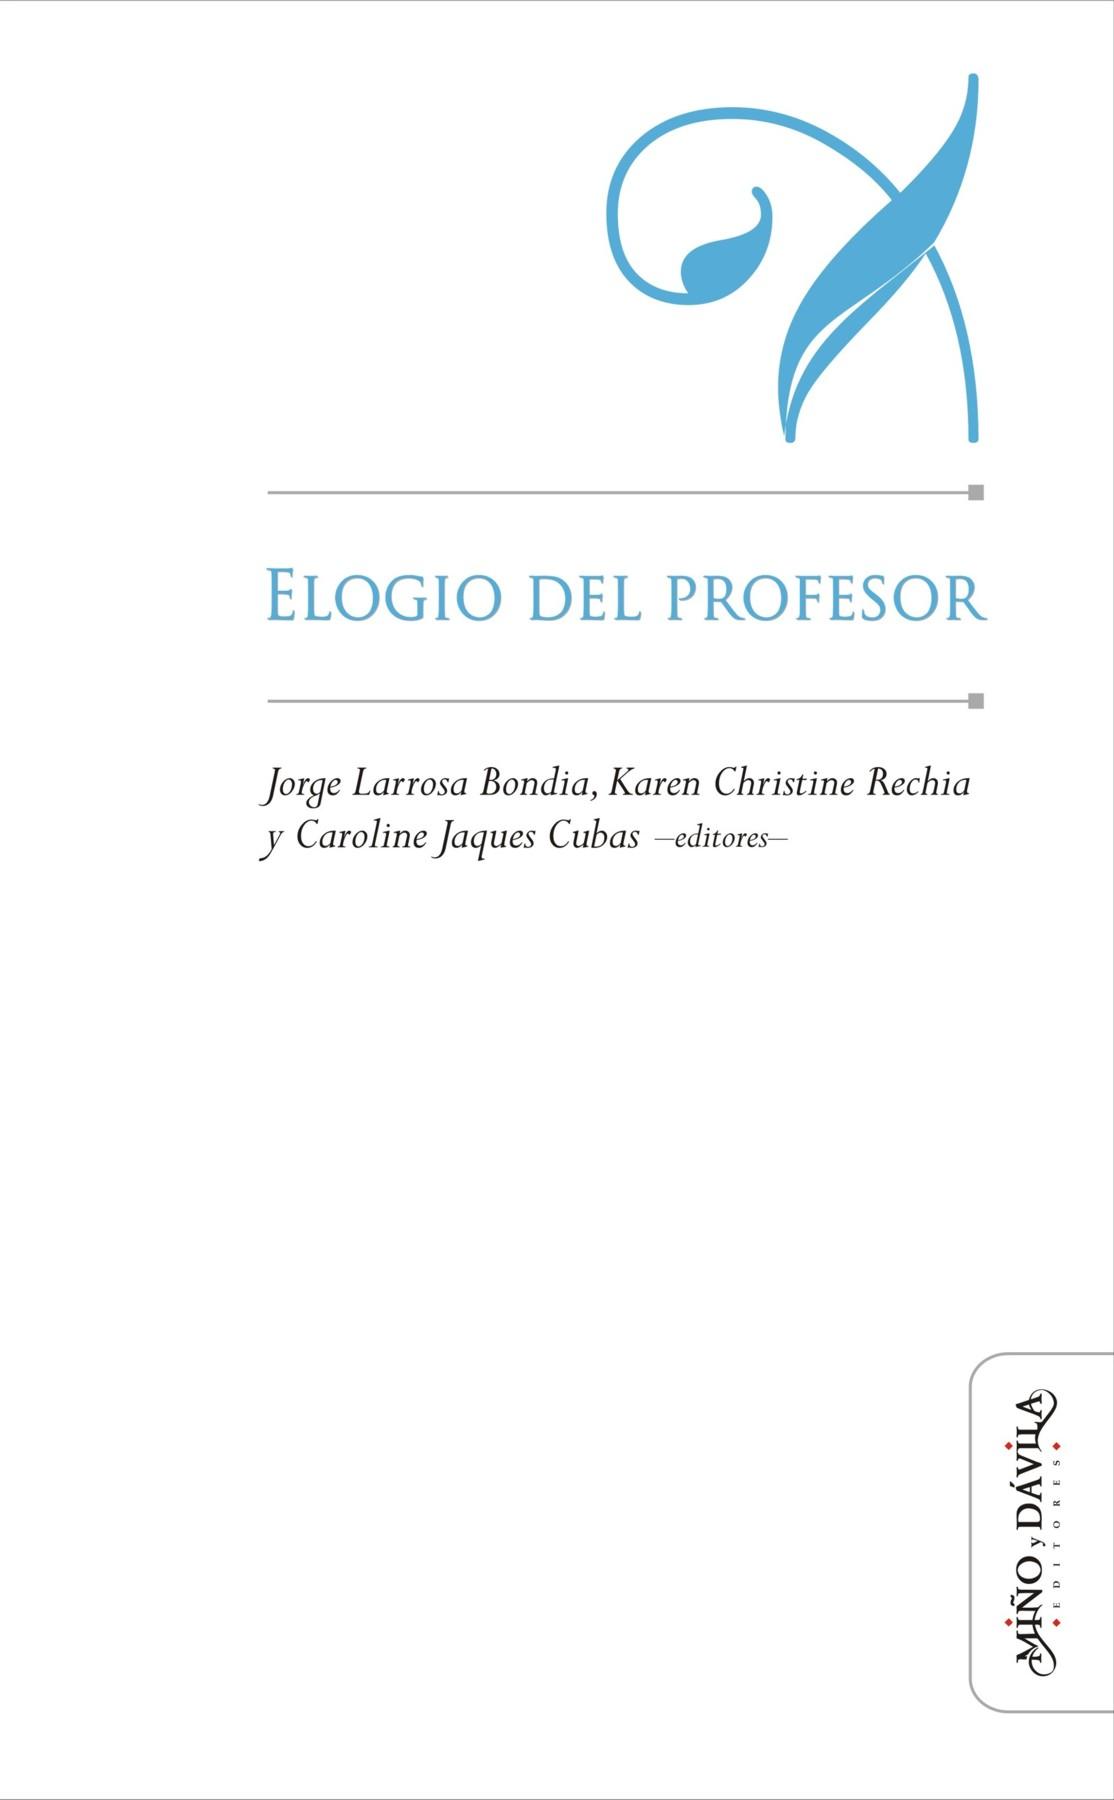 Jorge Larrosa Bondia Elogio del profesor las luces de septiembre